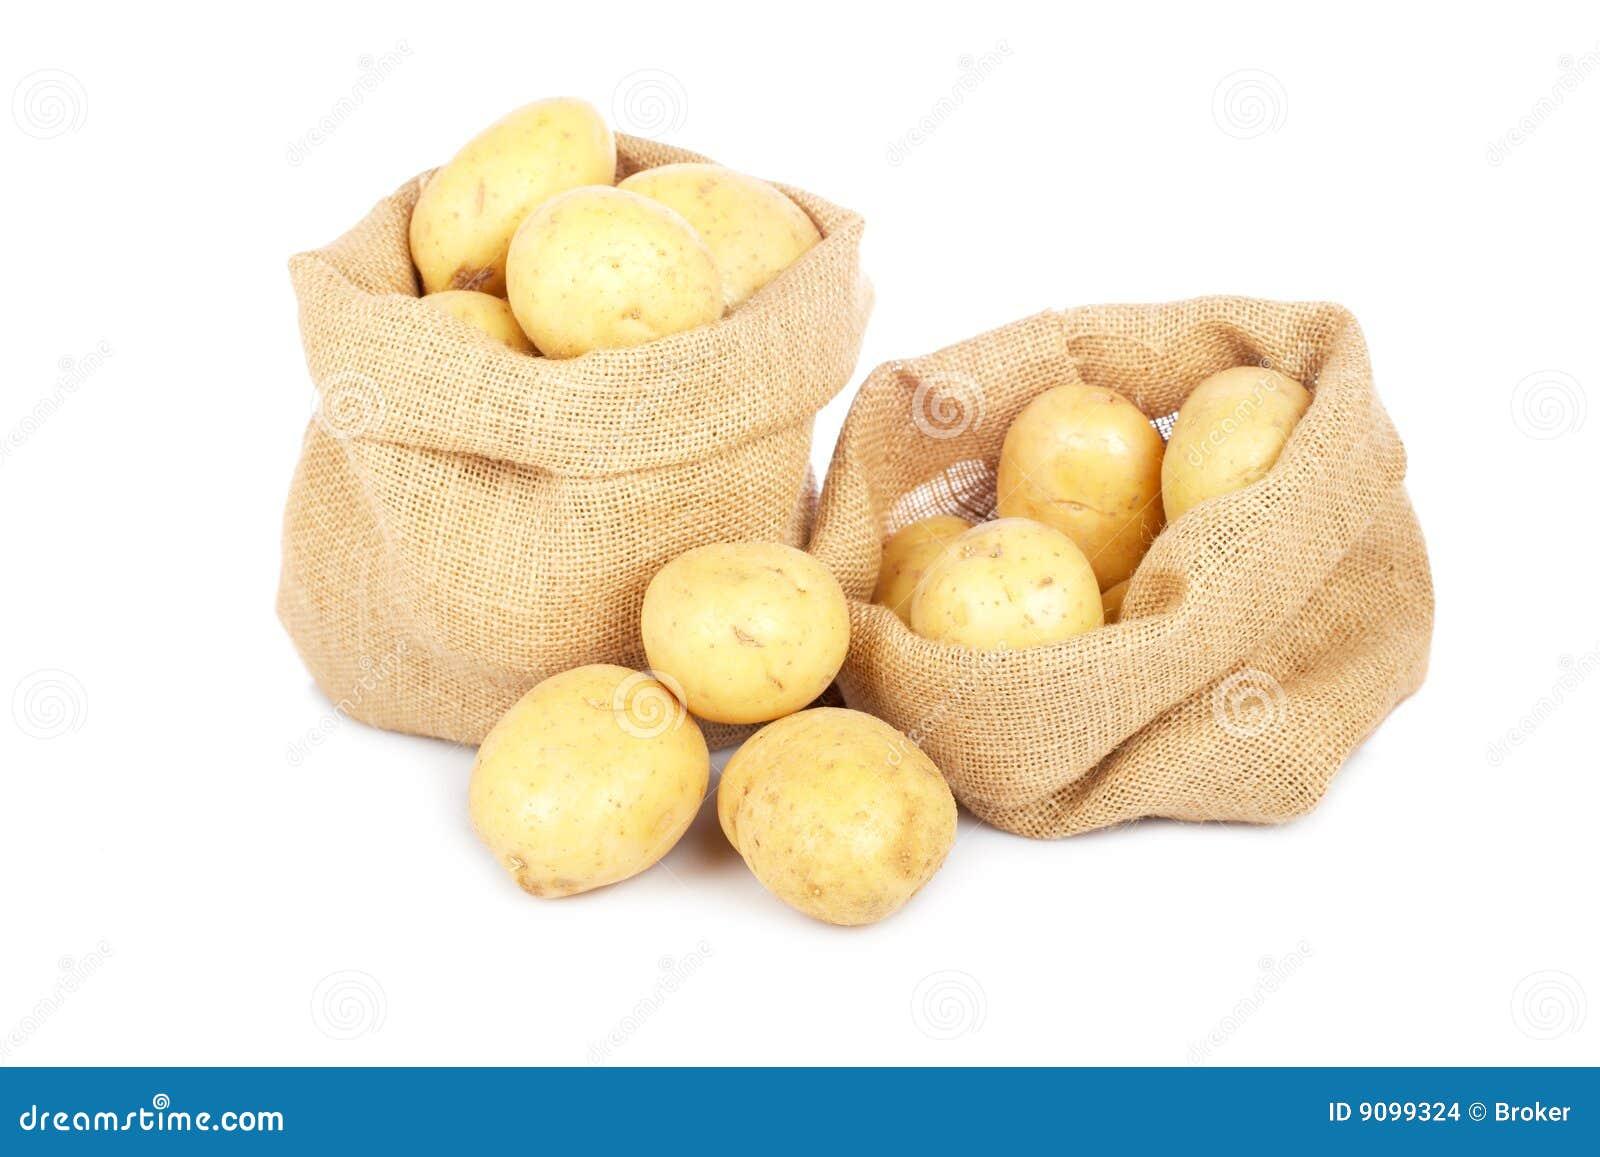 Zwei Leinwandsäcke mit Kartoffeln